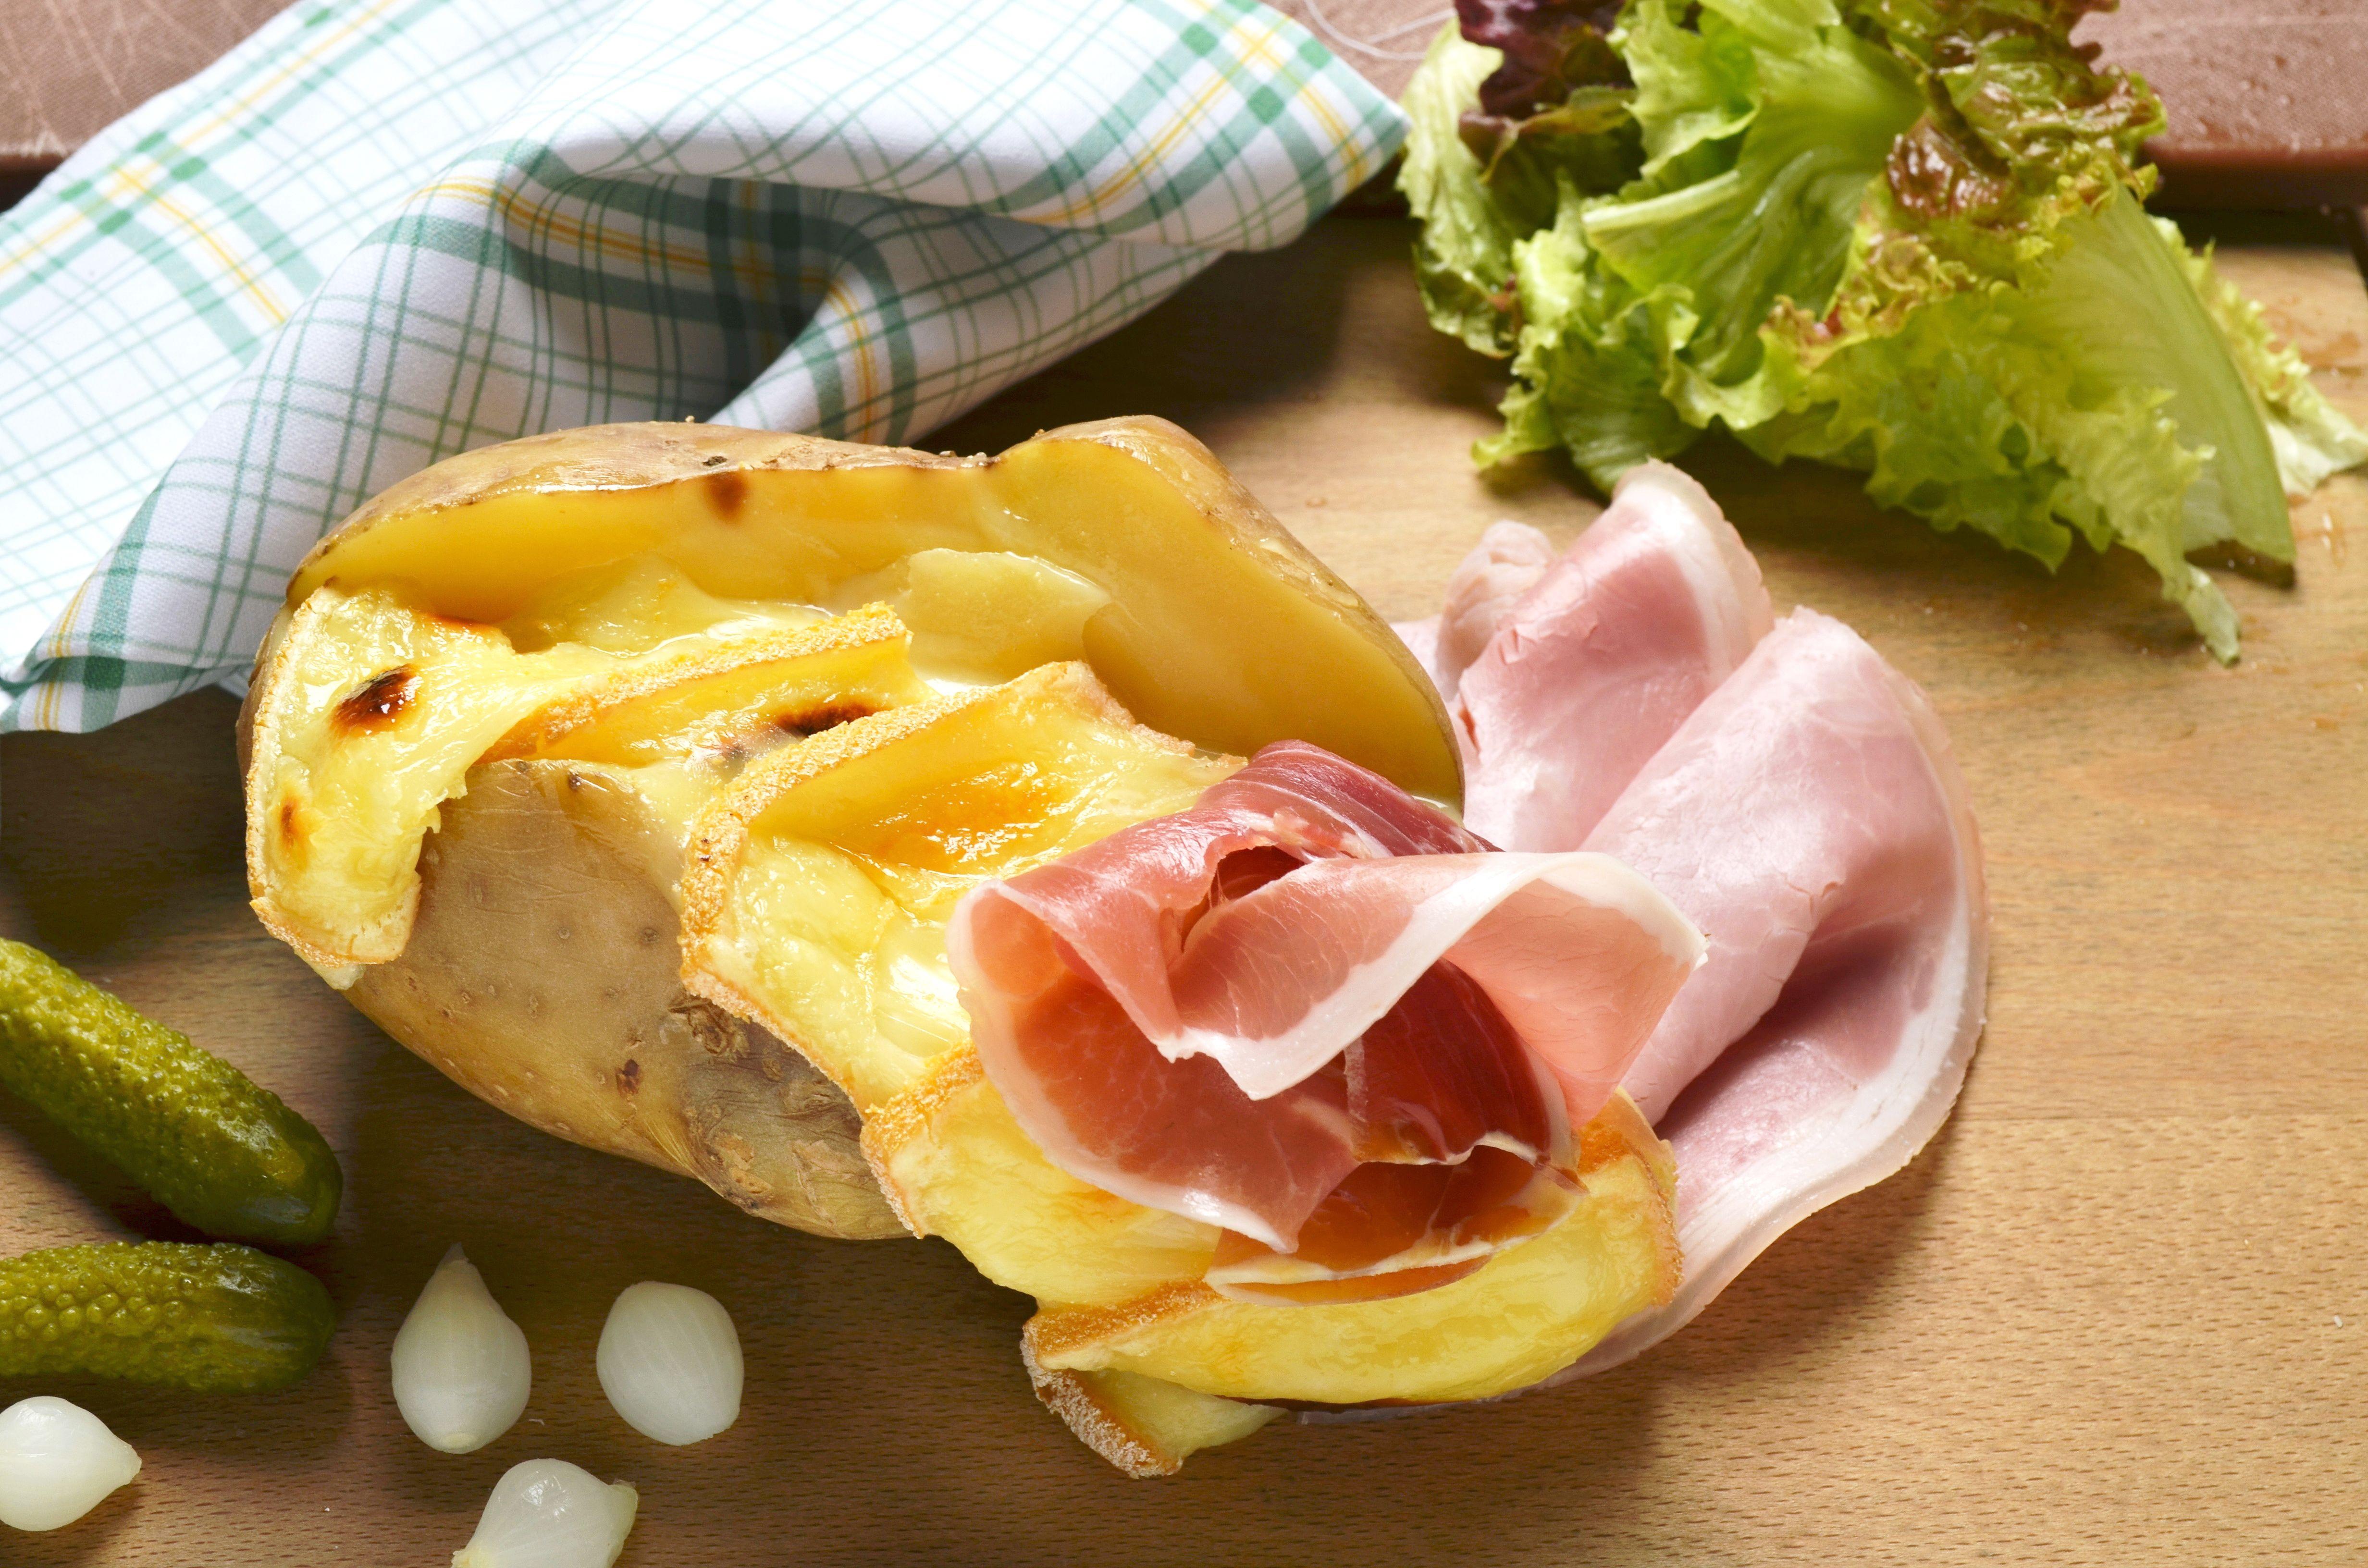 La savoyarde pomme de terre cuite au four jambon cru jambon cuit fromage raclette fondu - Quantite pomme de terre raclette ...